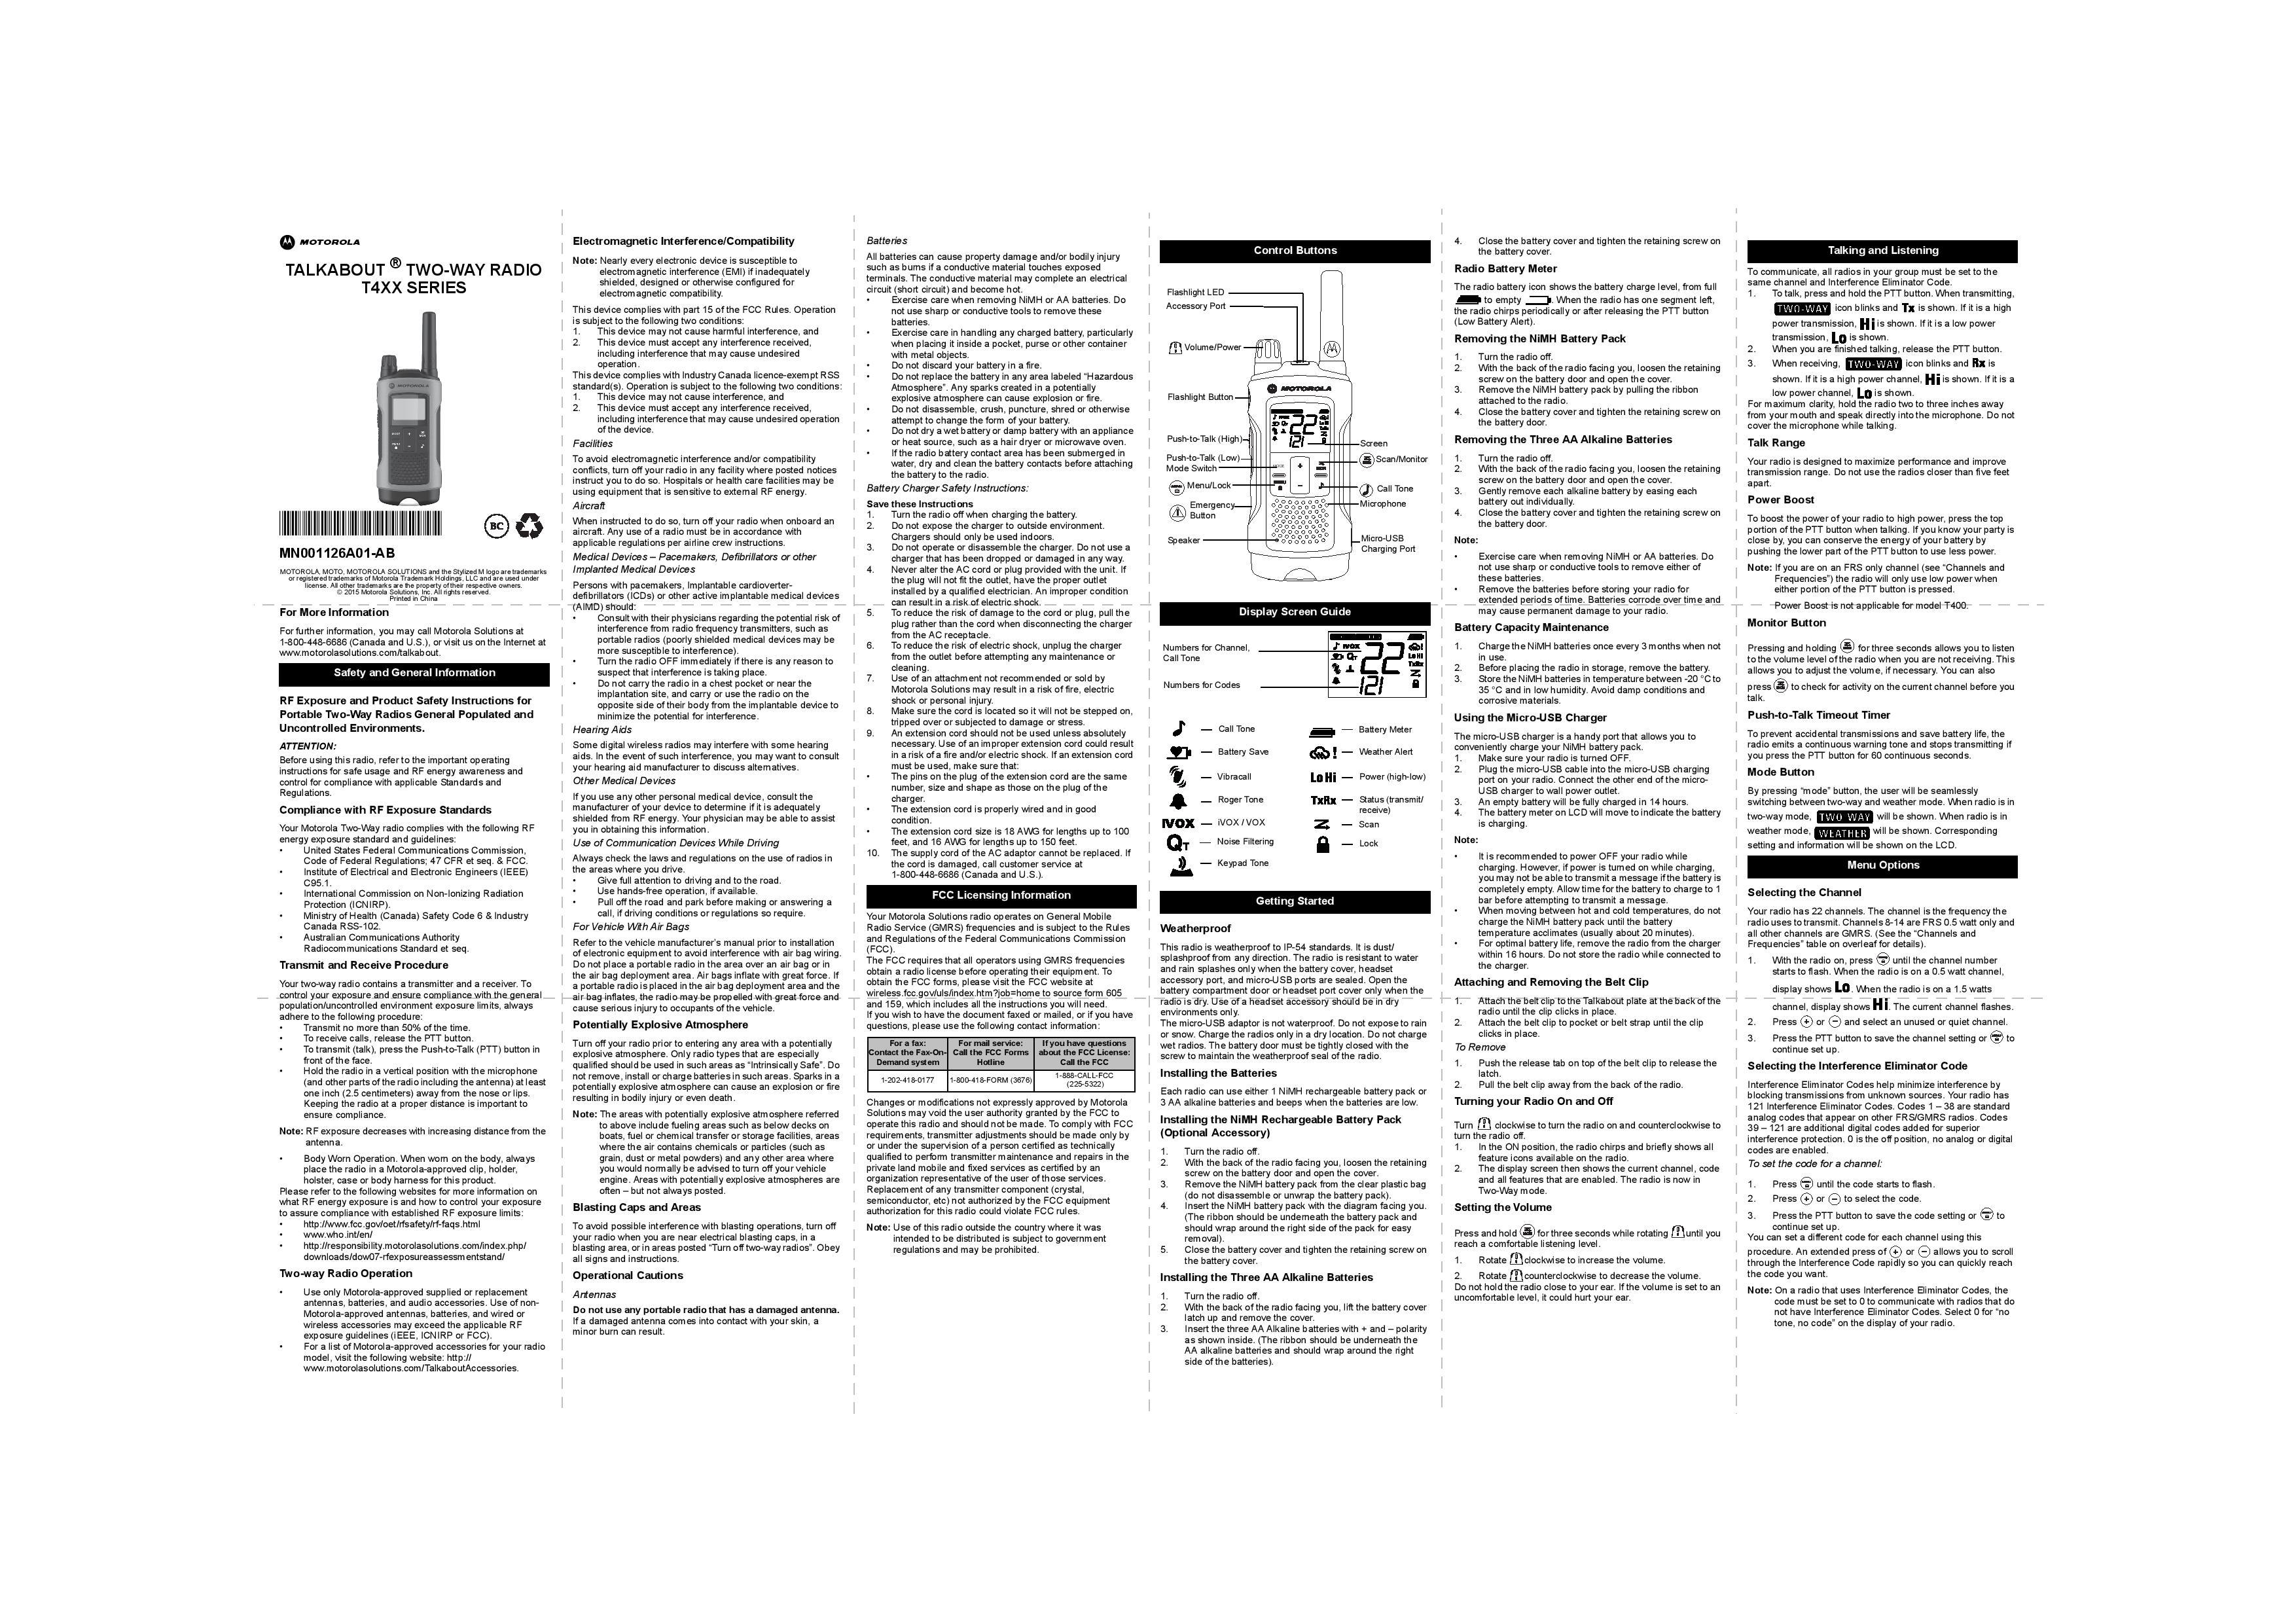 motorola t460 user guide twowayradiocenter com rh twowayradiocenter com Motorola Talkabout Blue Early Motorola Talkabout